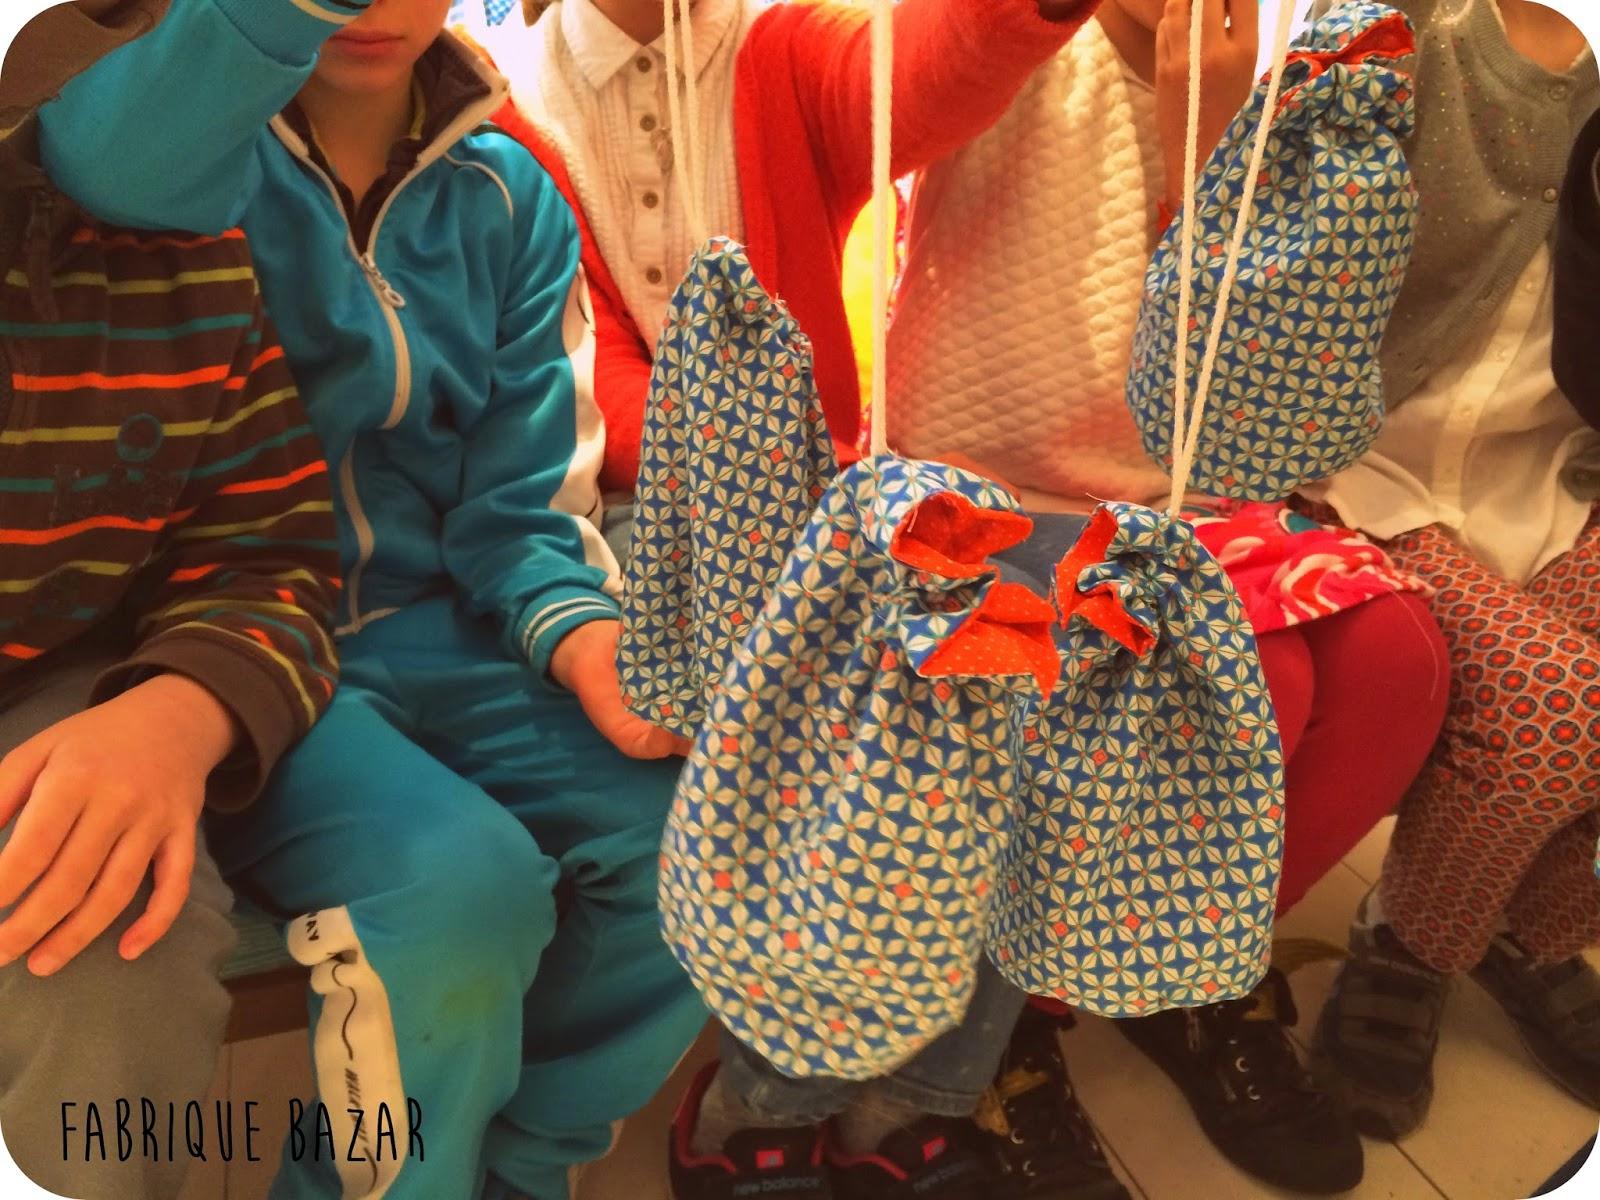 cours de couture toulouse blog créatif fabrique bazar